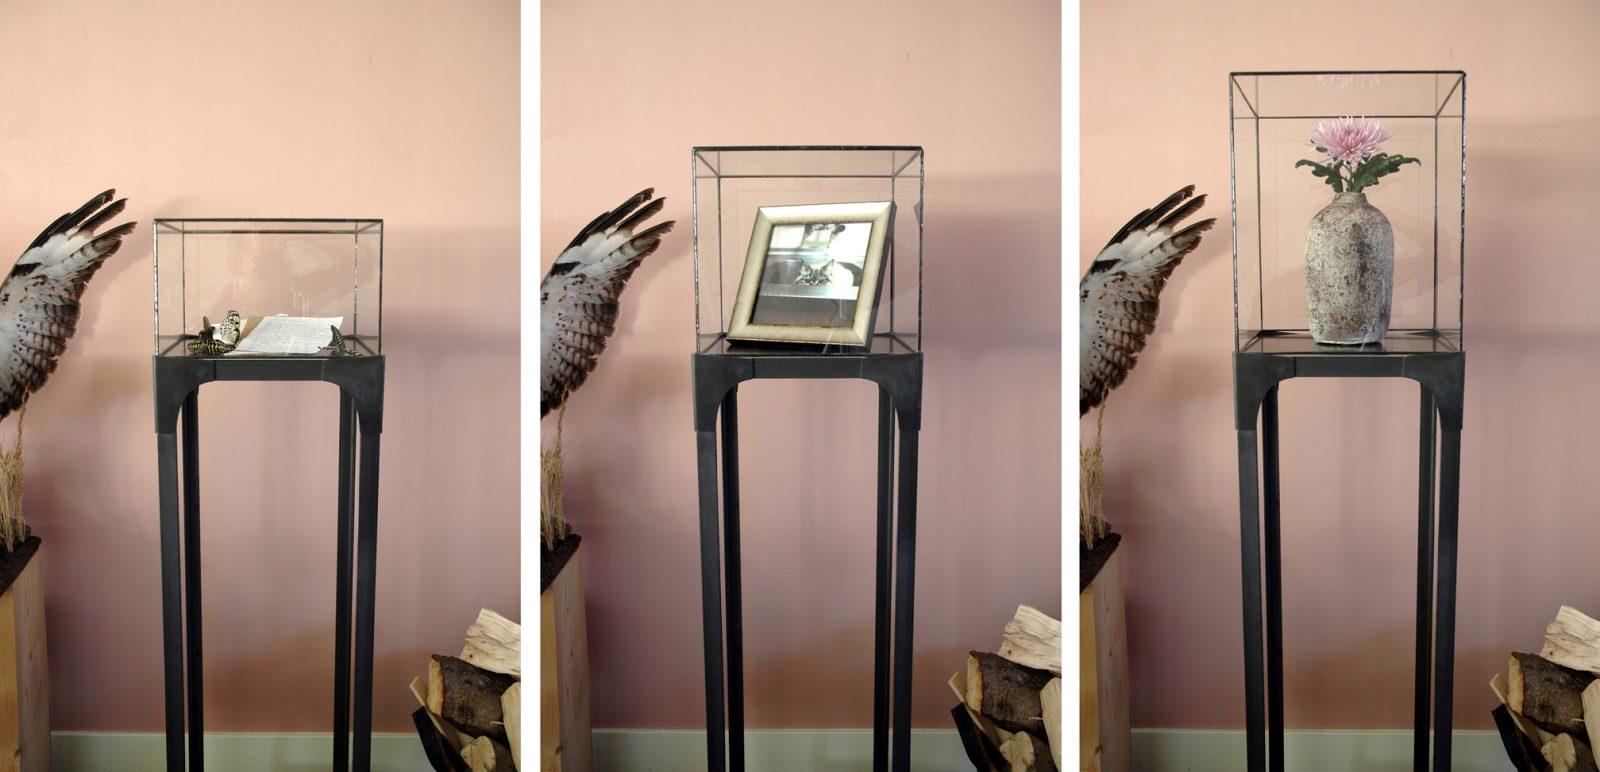 vitrine glas in lood, blauwstaal, sokkel, display, stolp